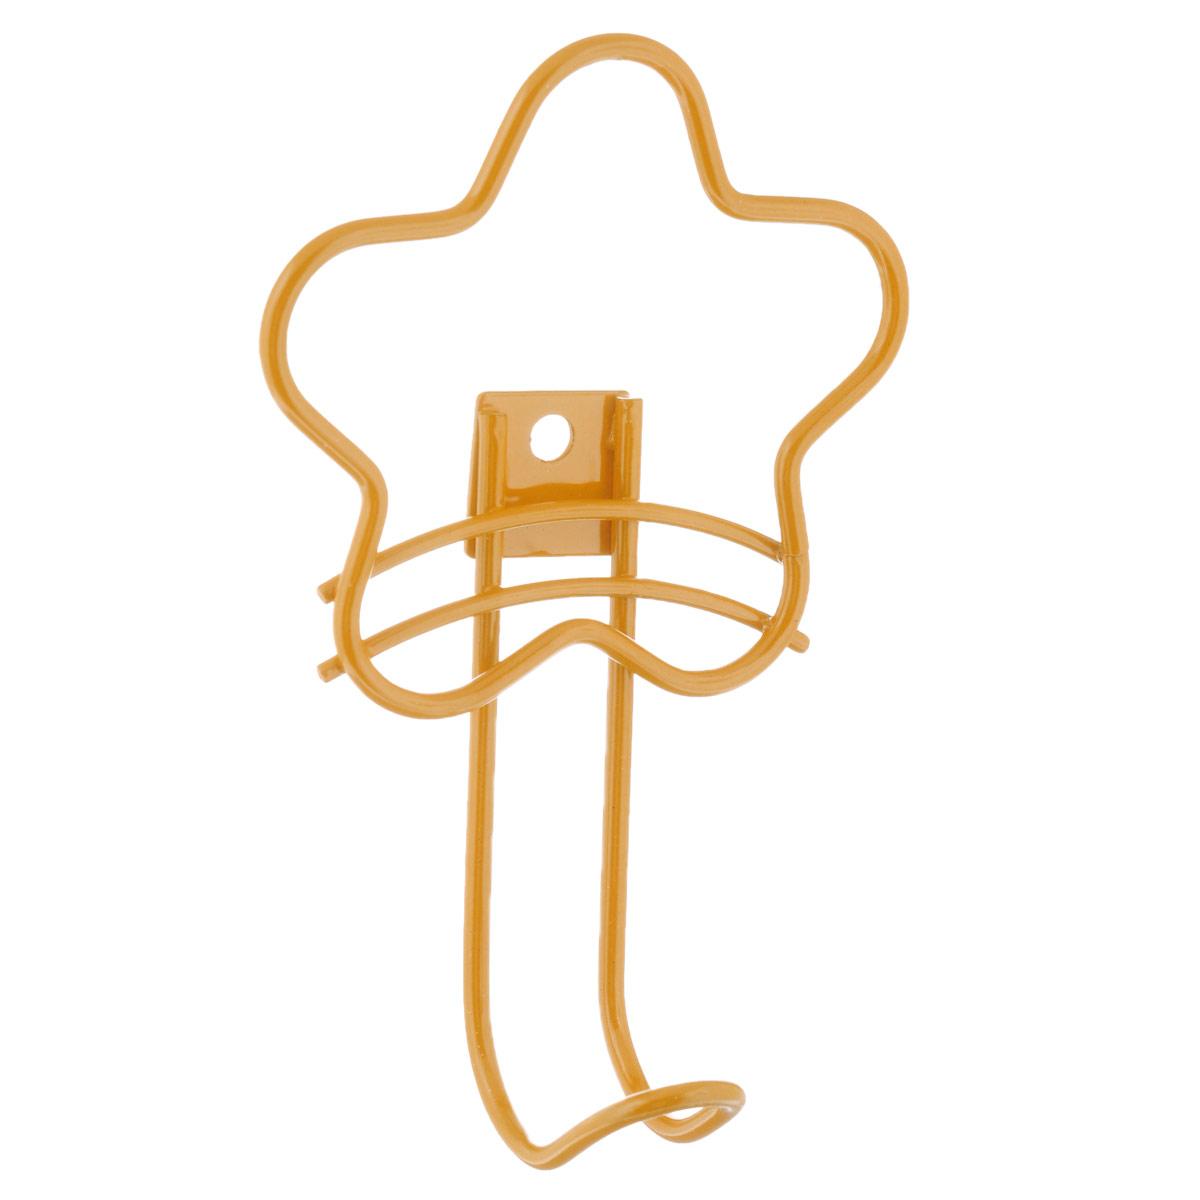 Вешалка настенная Sheffilton Цветок, цвет: желтый, 10,5 см х 5 см х 16 смВ2 - 72Настенная вешалка Sheffilton Цветок является не только функциональным элементом, но и прекрасно украсит интерьер детской комнаты. Каркас вешалки изготовлен из металла с порошковой окраской, стойкой к механическим повреждениям. Вешалка Sheffilton Цветок имеет один крючок, на который малыш сможет самостоятельно повесить одежду, сумочку или игрушку. Крепиться вешалка при помощи одного шурупа (в комплект не входит). Максимальная нагрузка на крючок: 7 кг. Размер вешалки: 10,5 см х 5 см х 16 см.